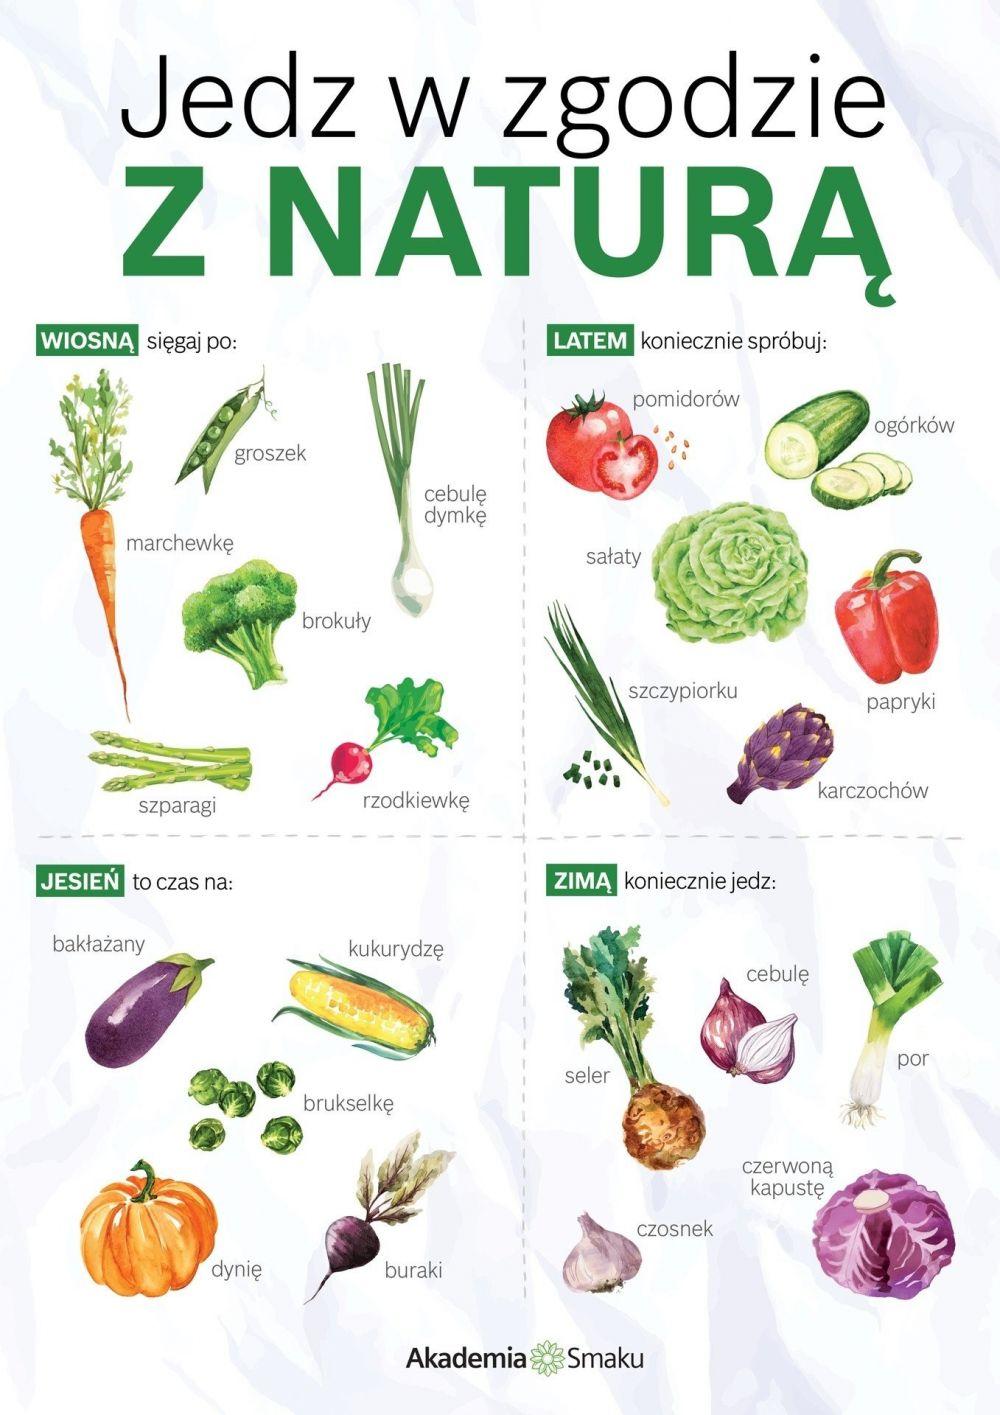 Jedz w zgodzie z naturą! - zdjęcie 1